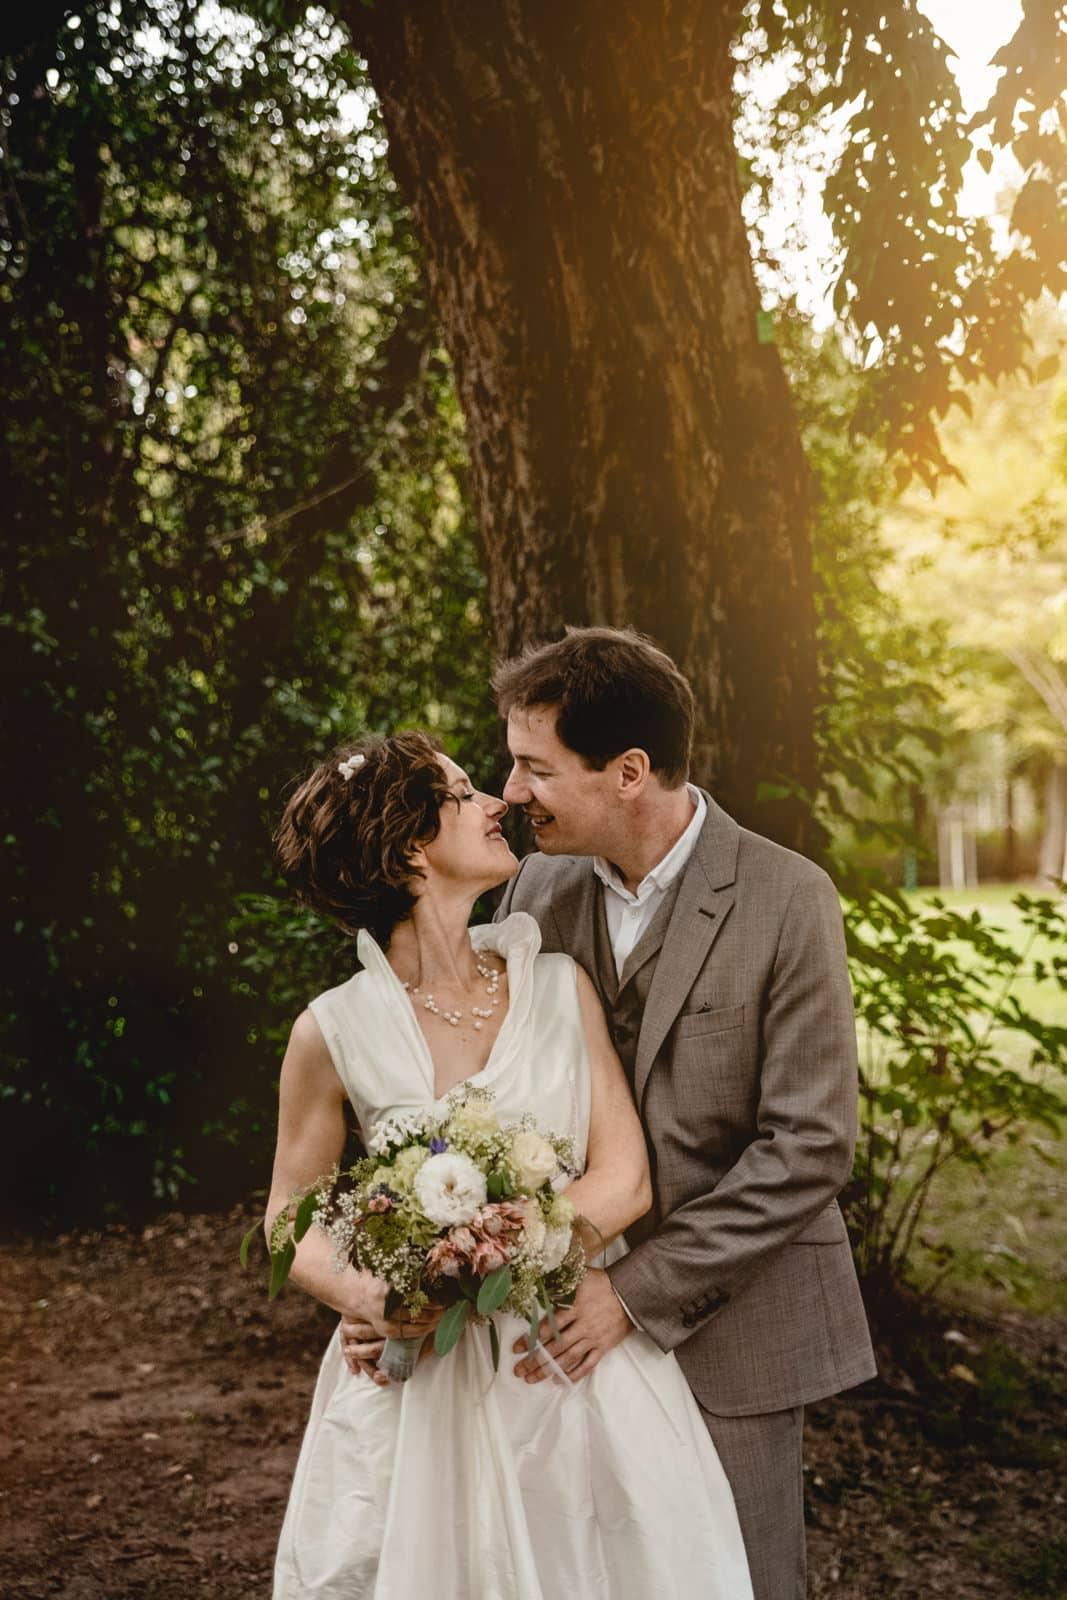 Brautpaar steht unter einem Baum bei Sonnenschein und ist kurz davor sich zu küssen im Park des Prinz-Emil-Schlösschen in Darmstadt